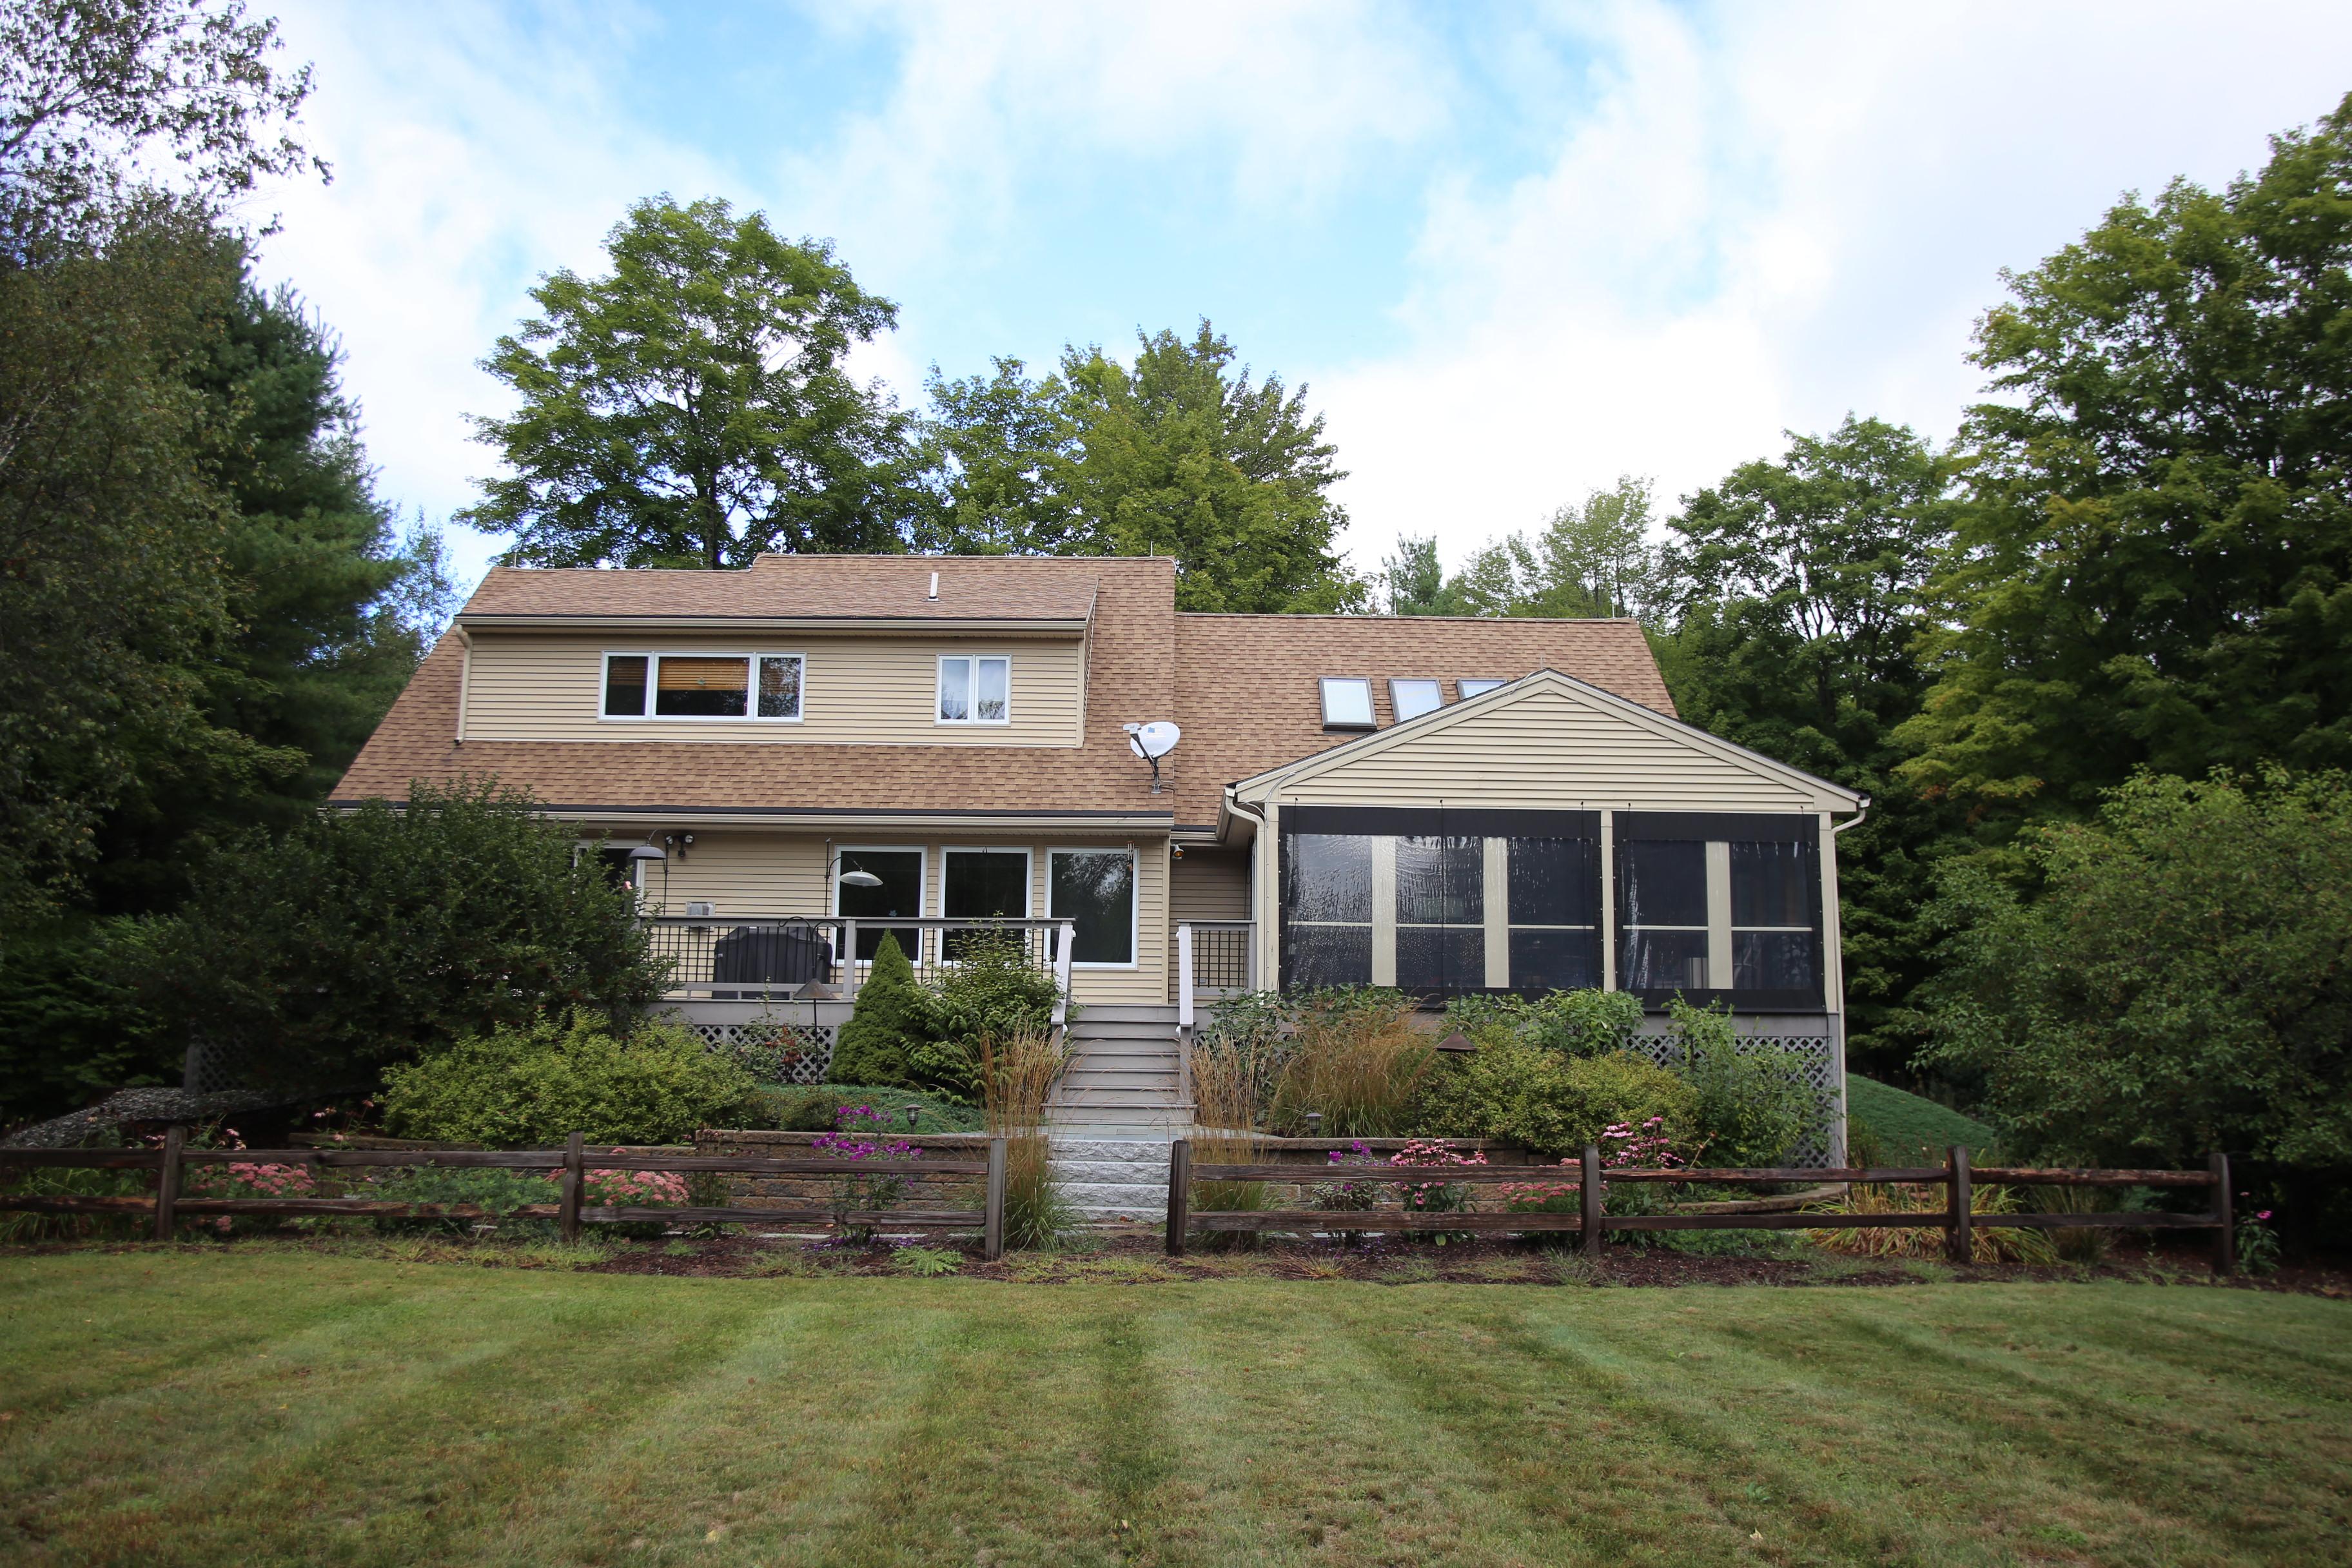 Maison unifamiliale pour l Vente à 20 Clarke, Wilmot 20 Clarke Rd Wilmot, New Hampshire, 03287 États-Unis